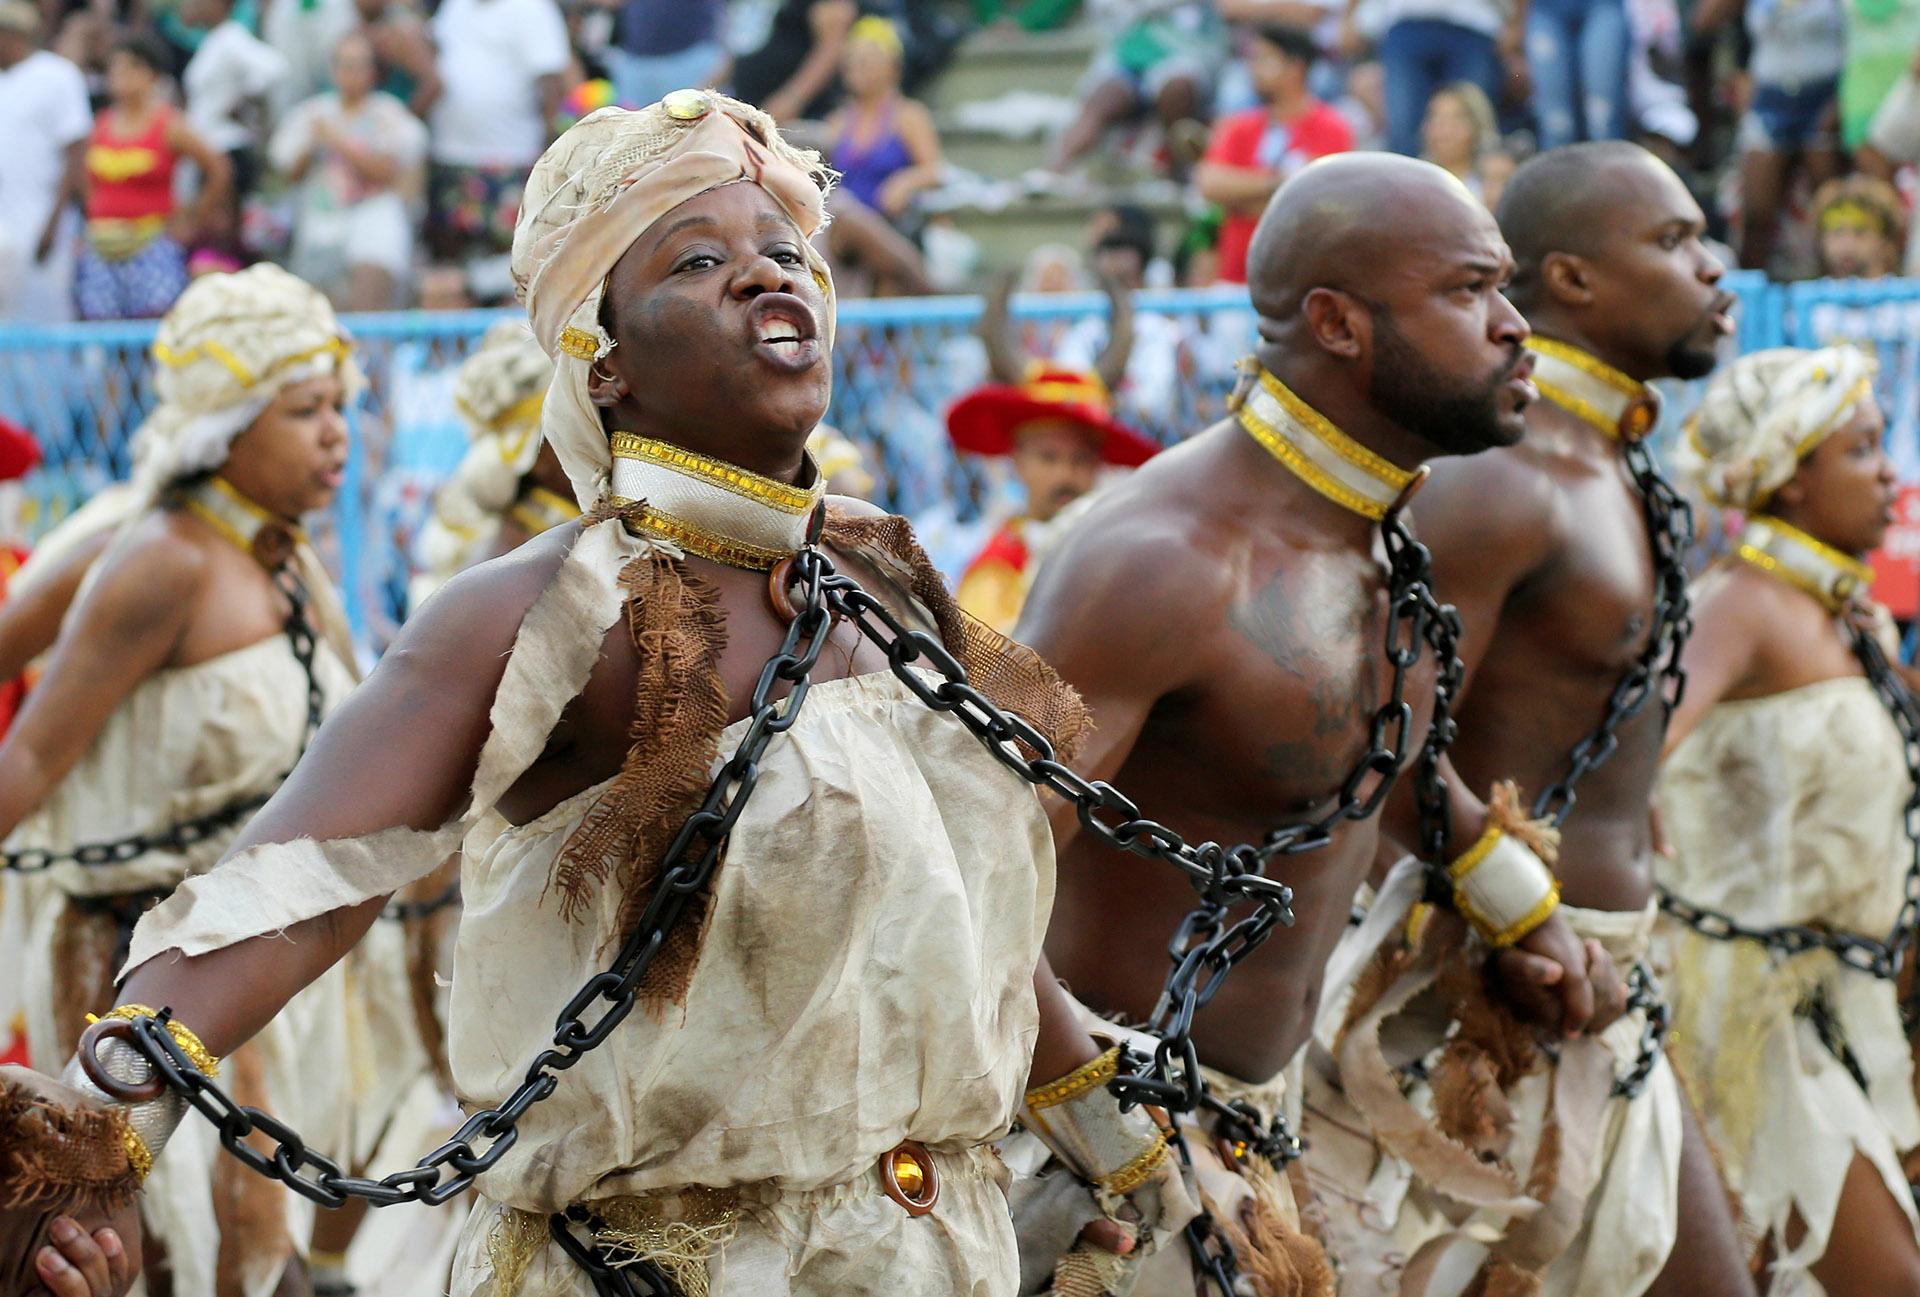 """En dos noches, 14 """"escolas de samba"""" movilizan entre 2.500 y 4.000 personas, con indumentarias y coreografías ensayadas a lo largo del año y seis gigantescos carros alegóricos"""